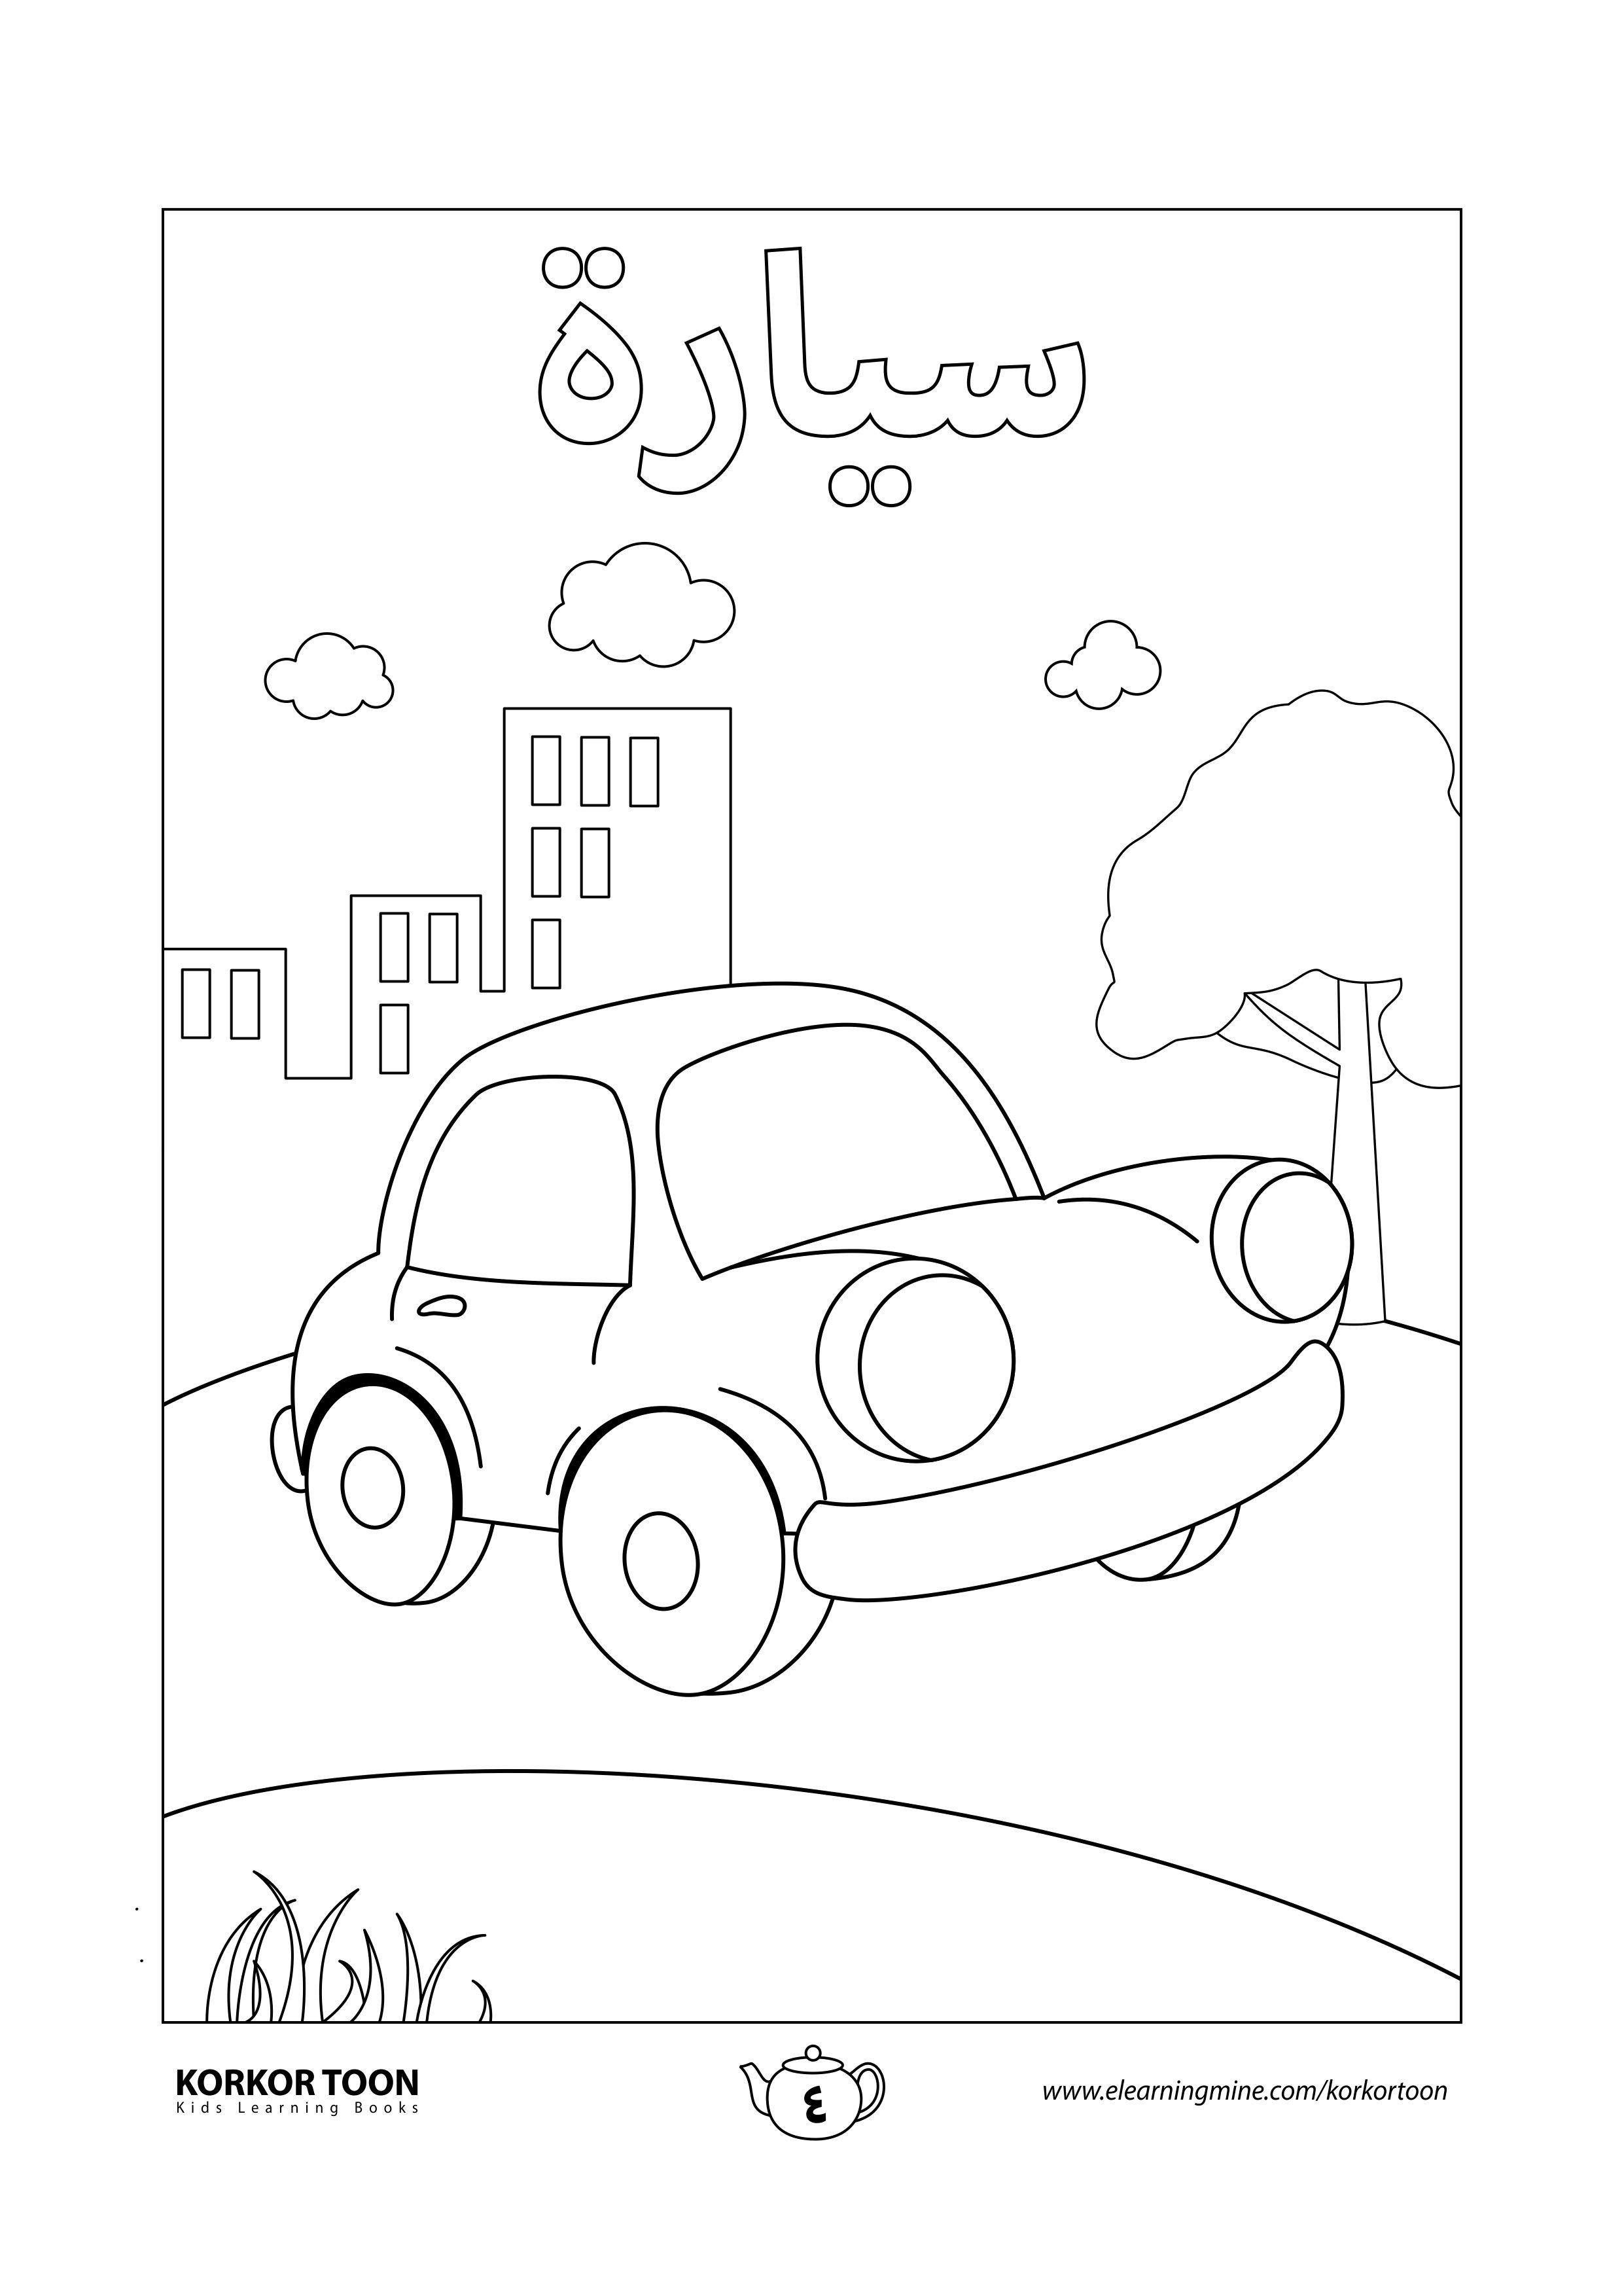 كتاب تلوين وسائل المواصلات تلوين السيارة صفحة 4 Coloring Books Kids Coloring Books Printables Free Kids